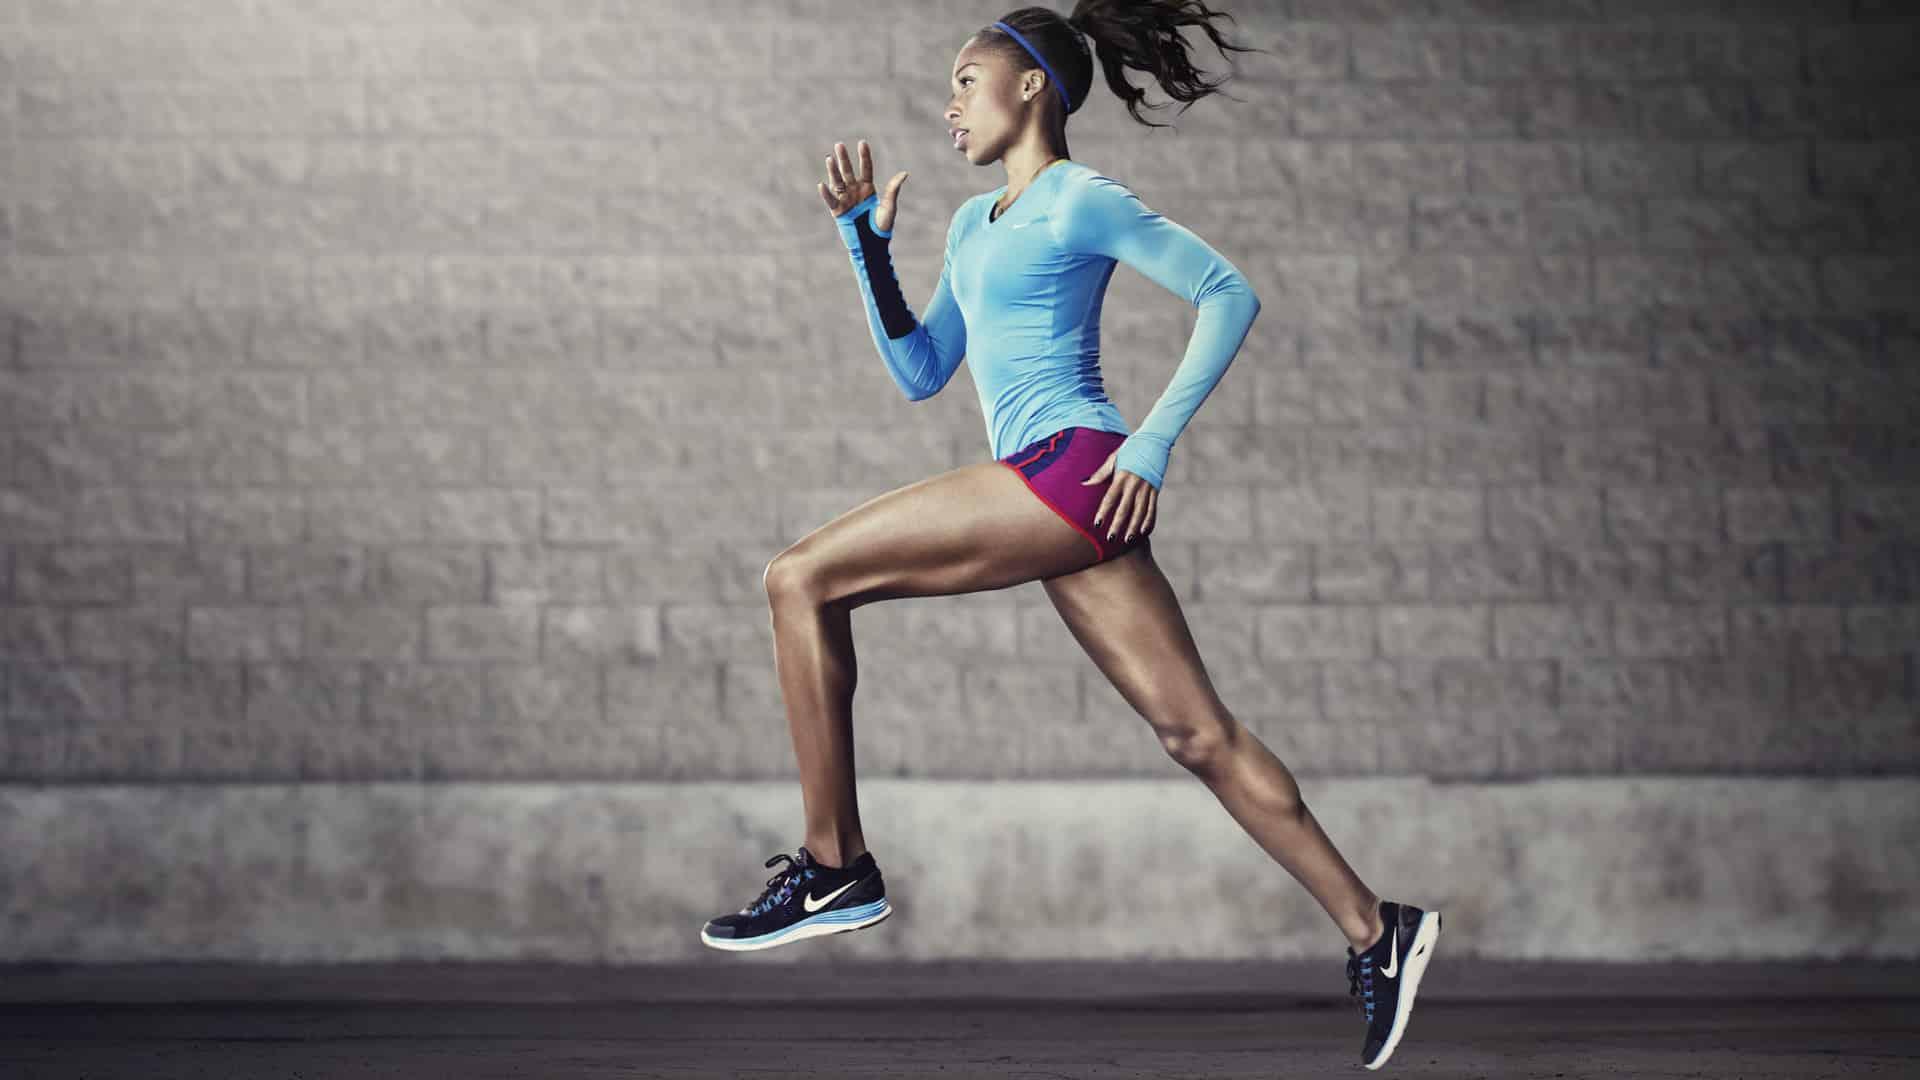 Αθλητισμός και καρκίνος: Πόσο μειώνονται οι πιθανότητες νόσησης από την καλή φυσική κατάσταση;